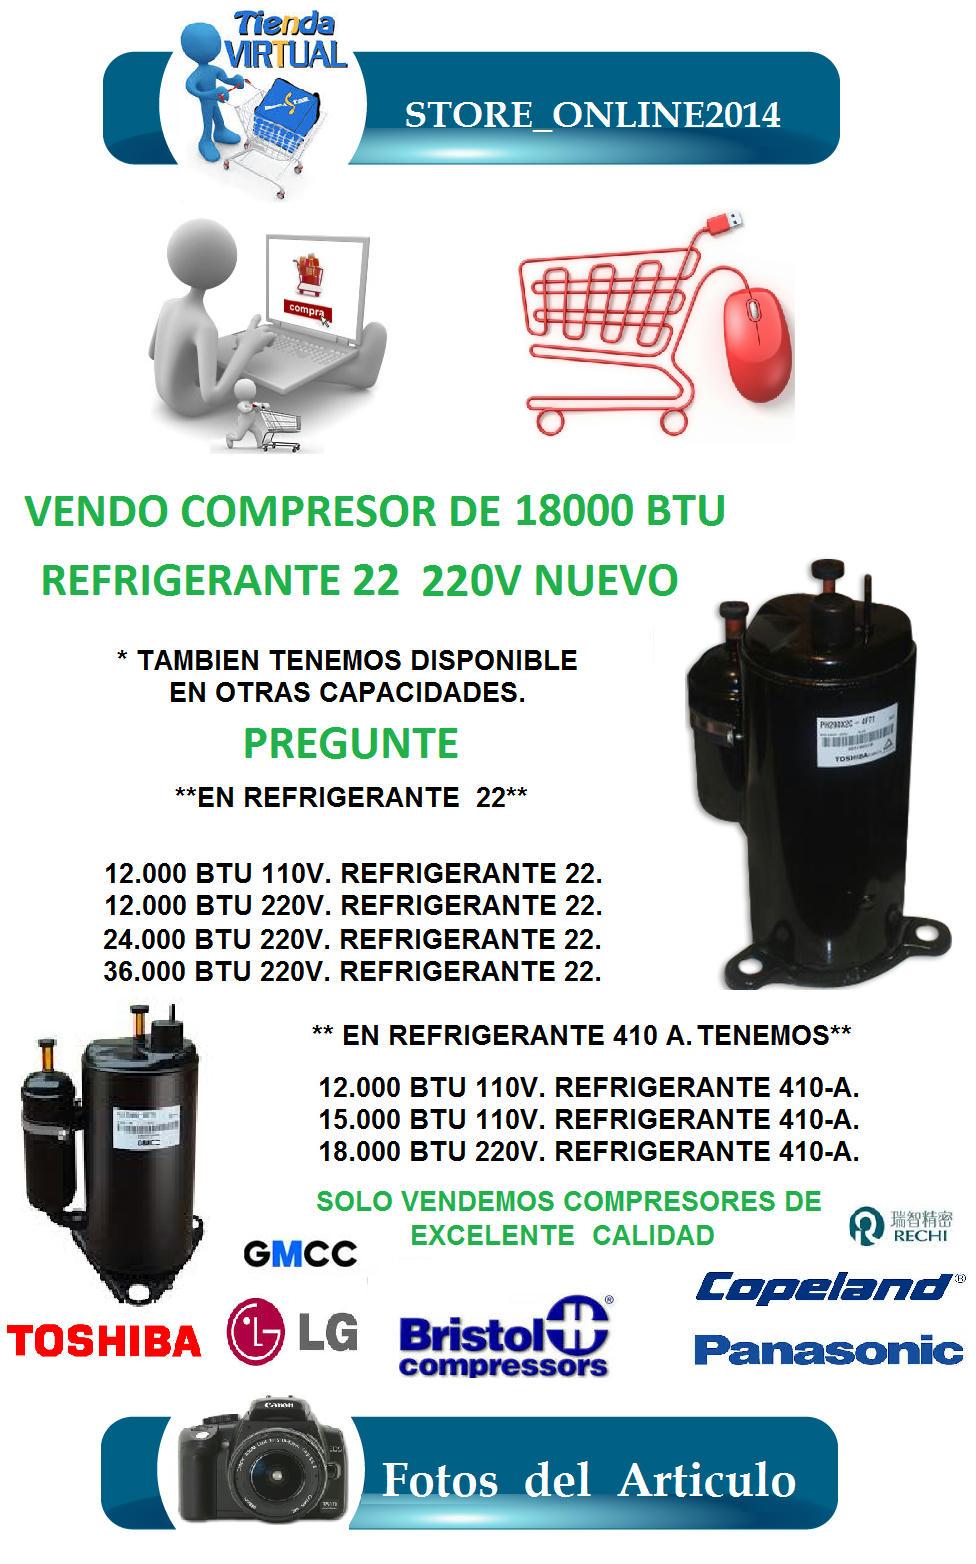 Compresor de aire acondicionados de btu 220v nuevo - Compresor de aire precio ...